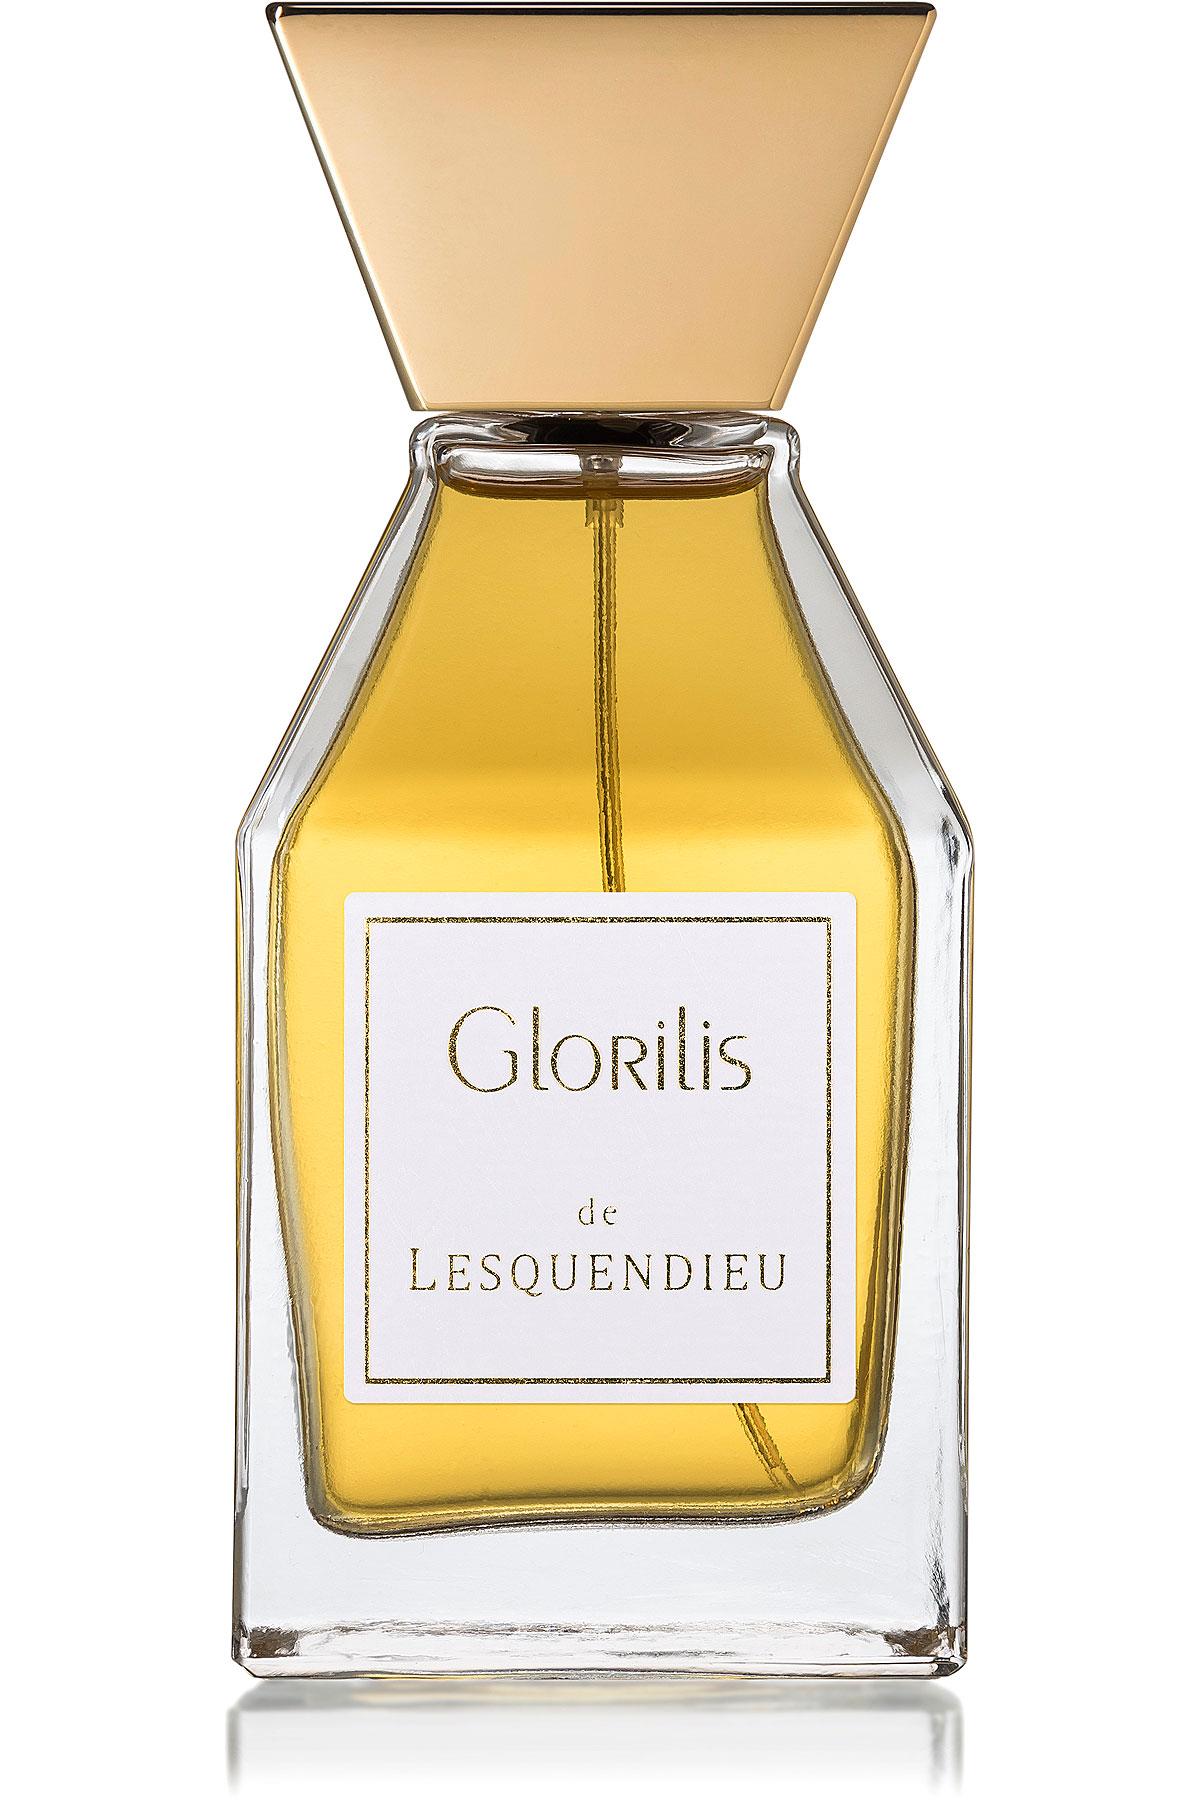 Lesquendieu Fragrances for Men, Glorilis - Eau De Parfum - 75 Ml, 2019, 75 ml